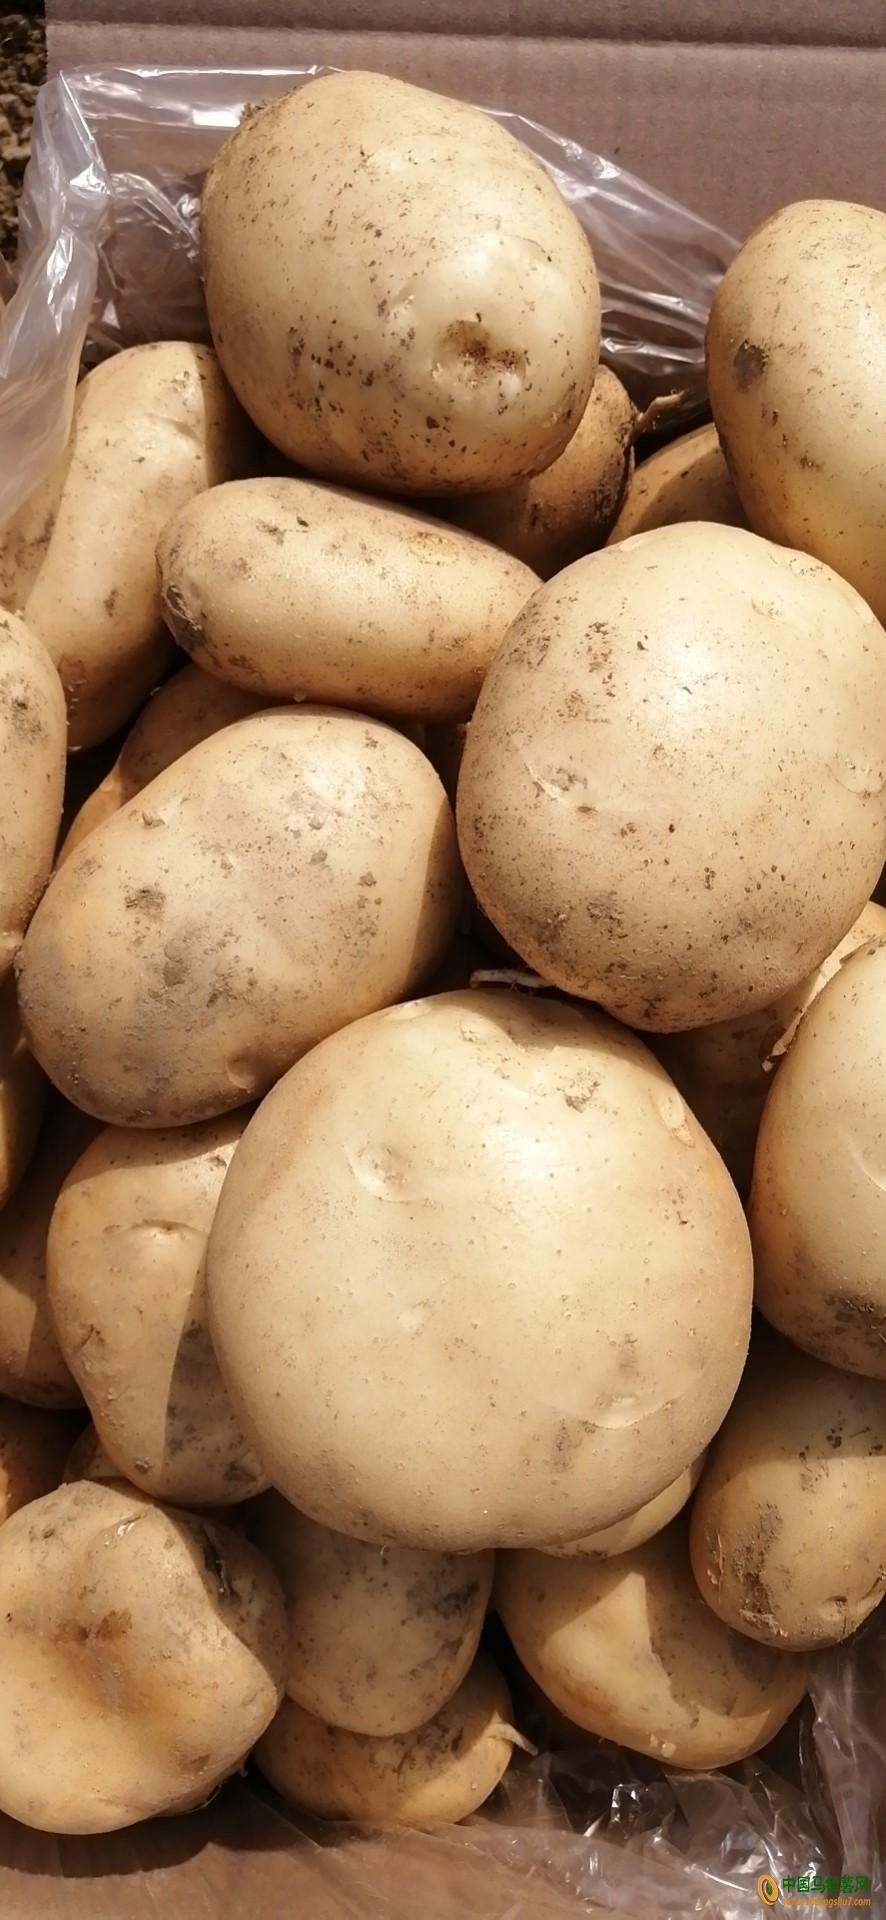 云南德宏州盈江县精品土豆 我是代办小杨 有需要的老板联系我 ()